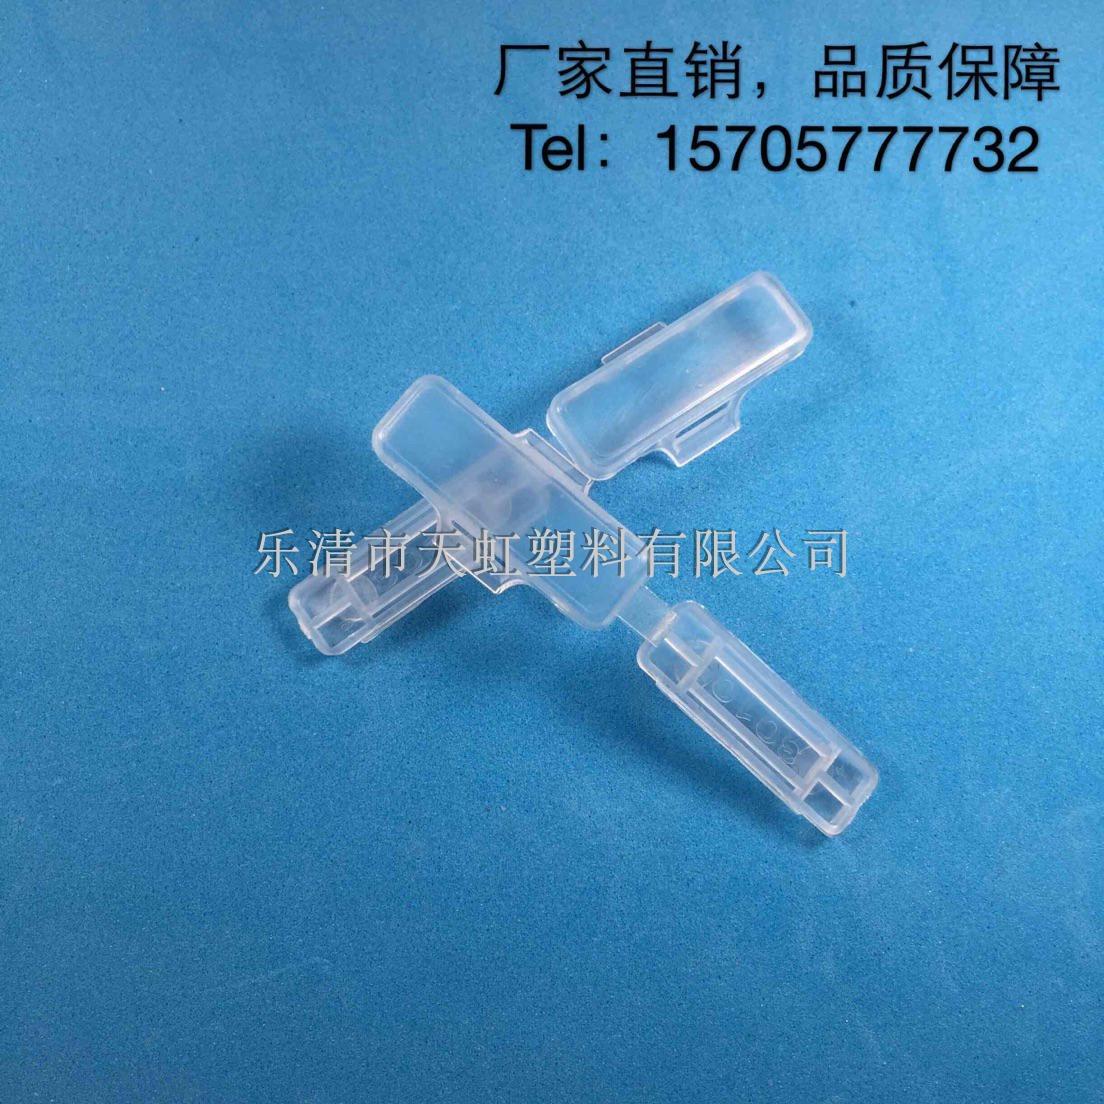 塑料3010防水线缆标标志标识框扎带标示挂带标签纸